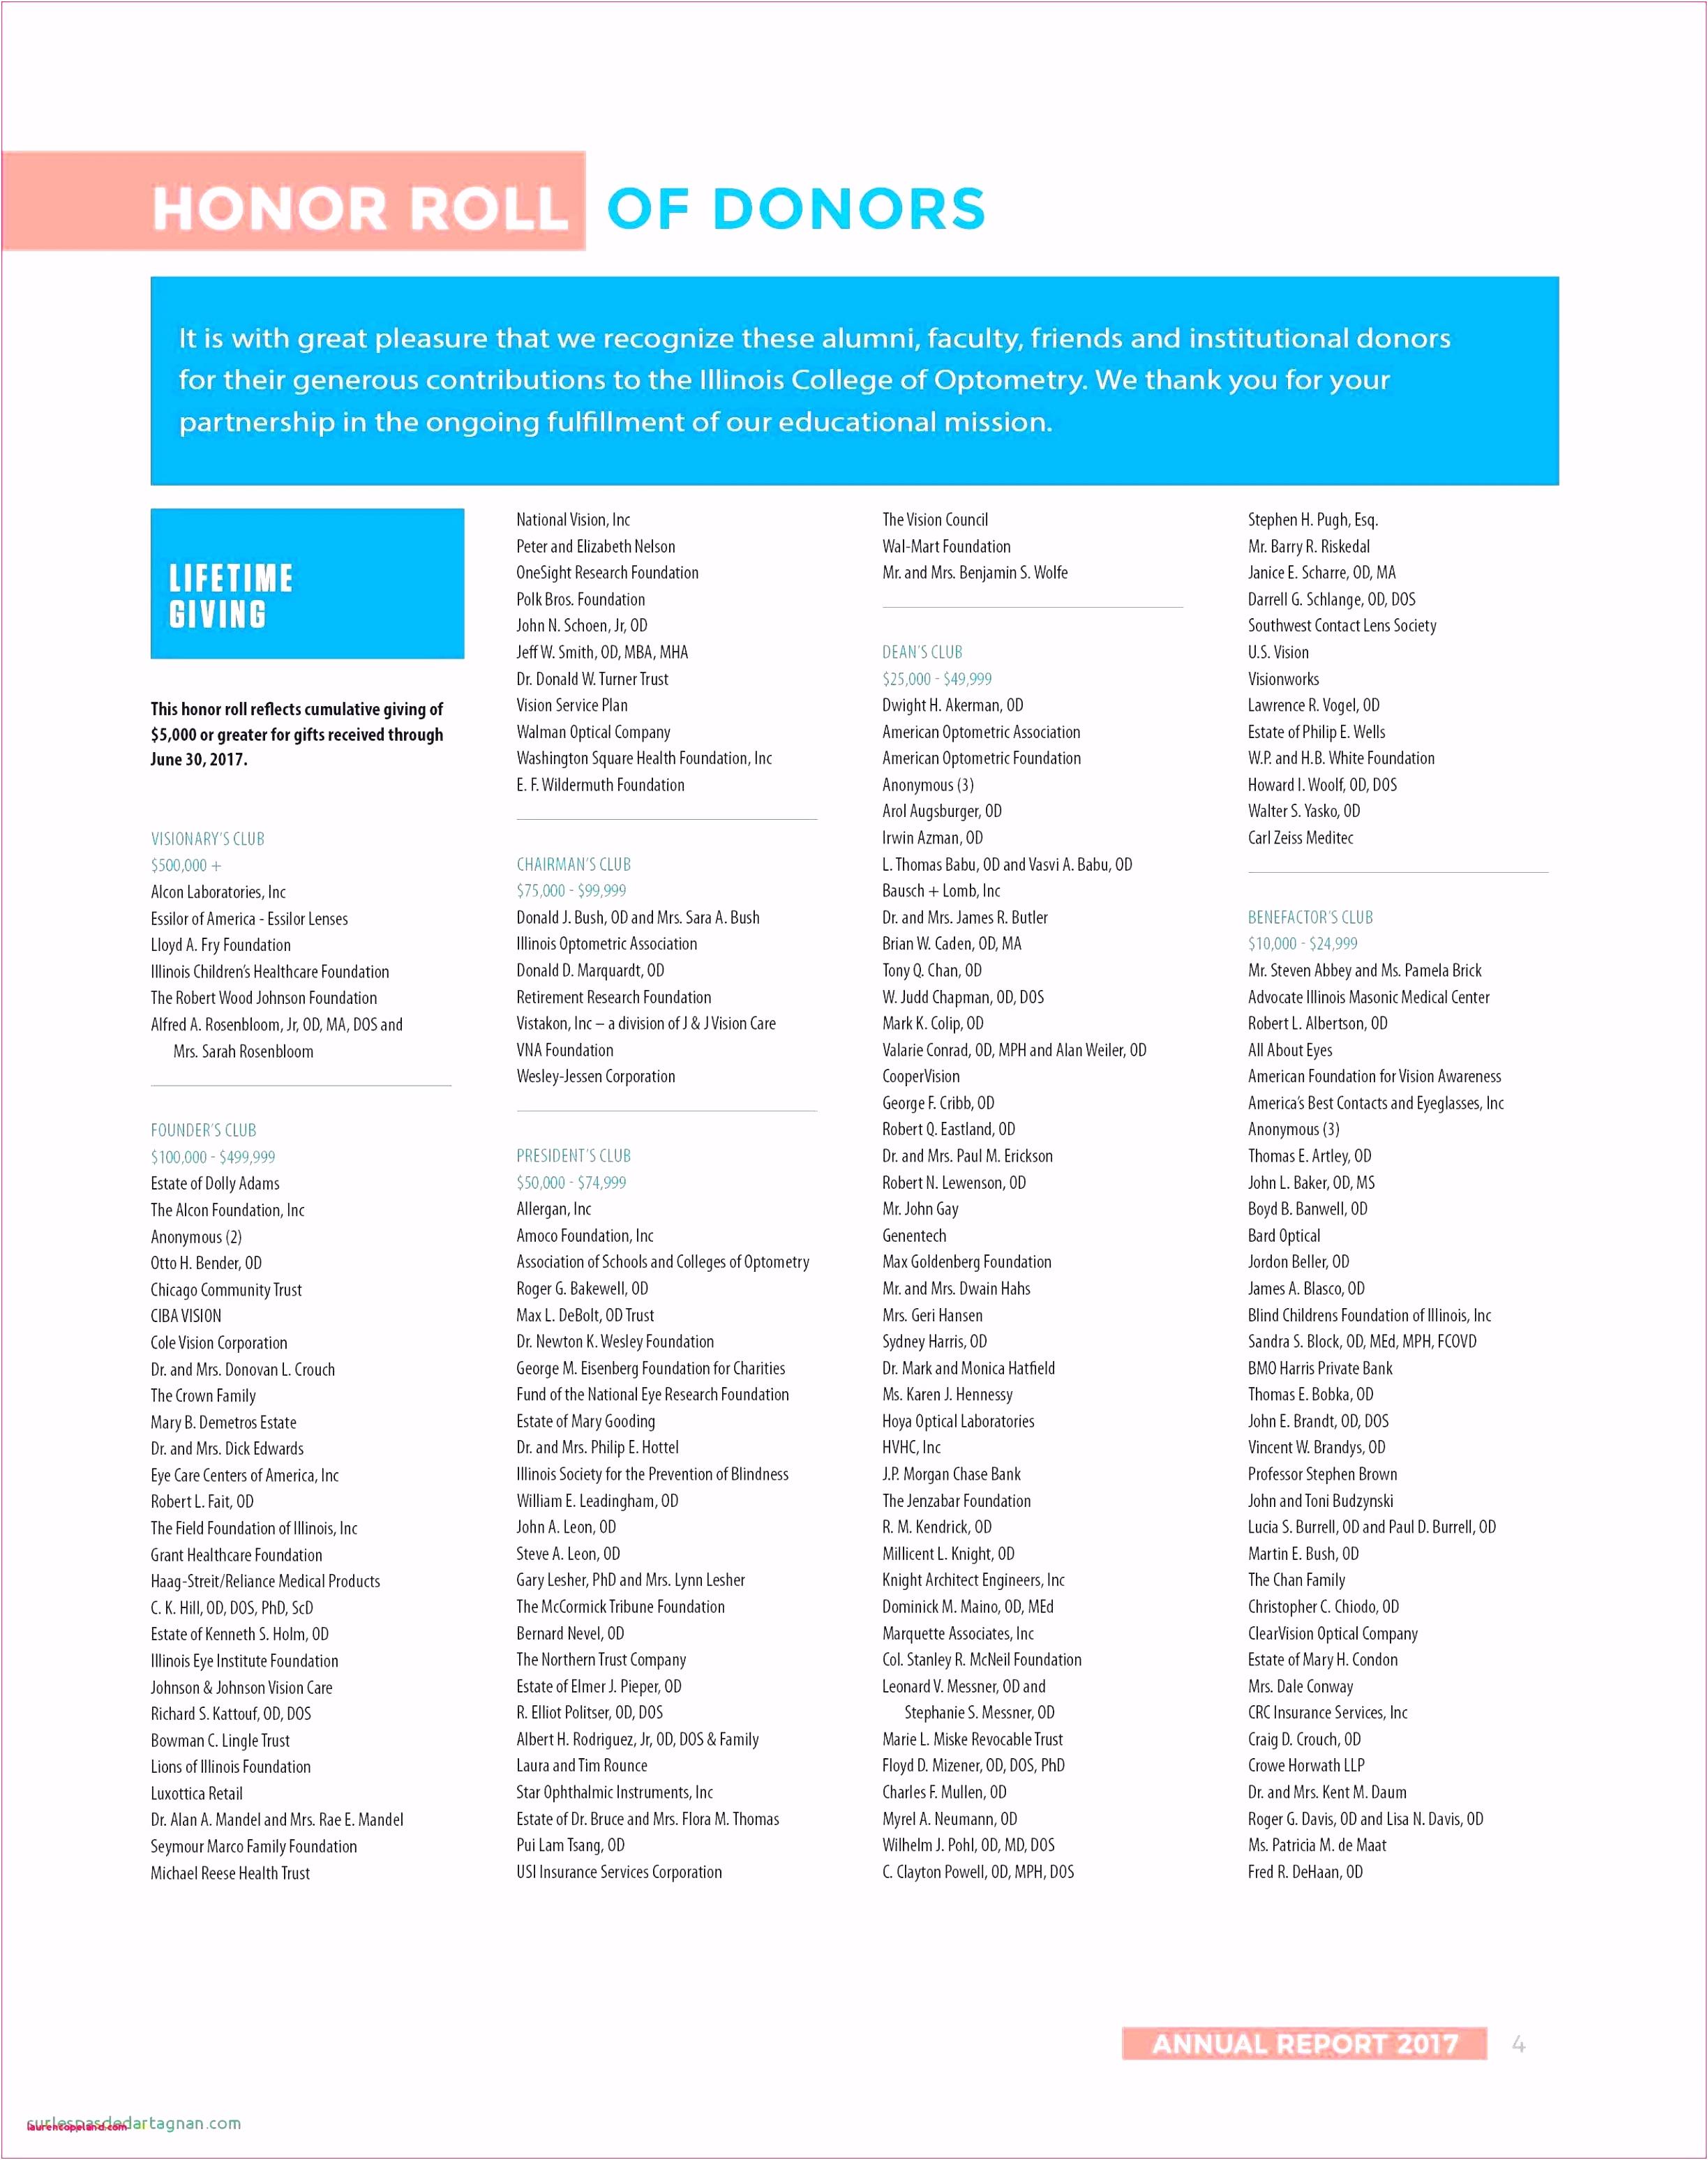 58 Haftpflichtversicherung Kundigen Vorlage laurencopeland